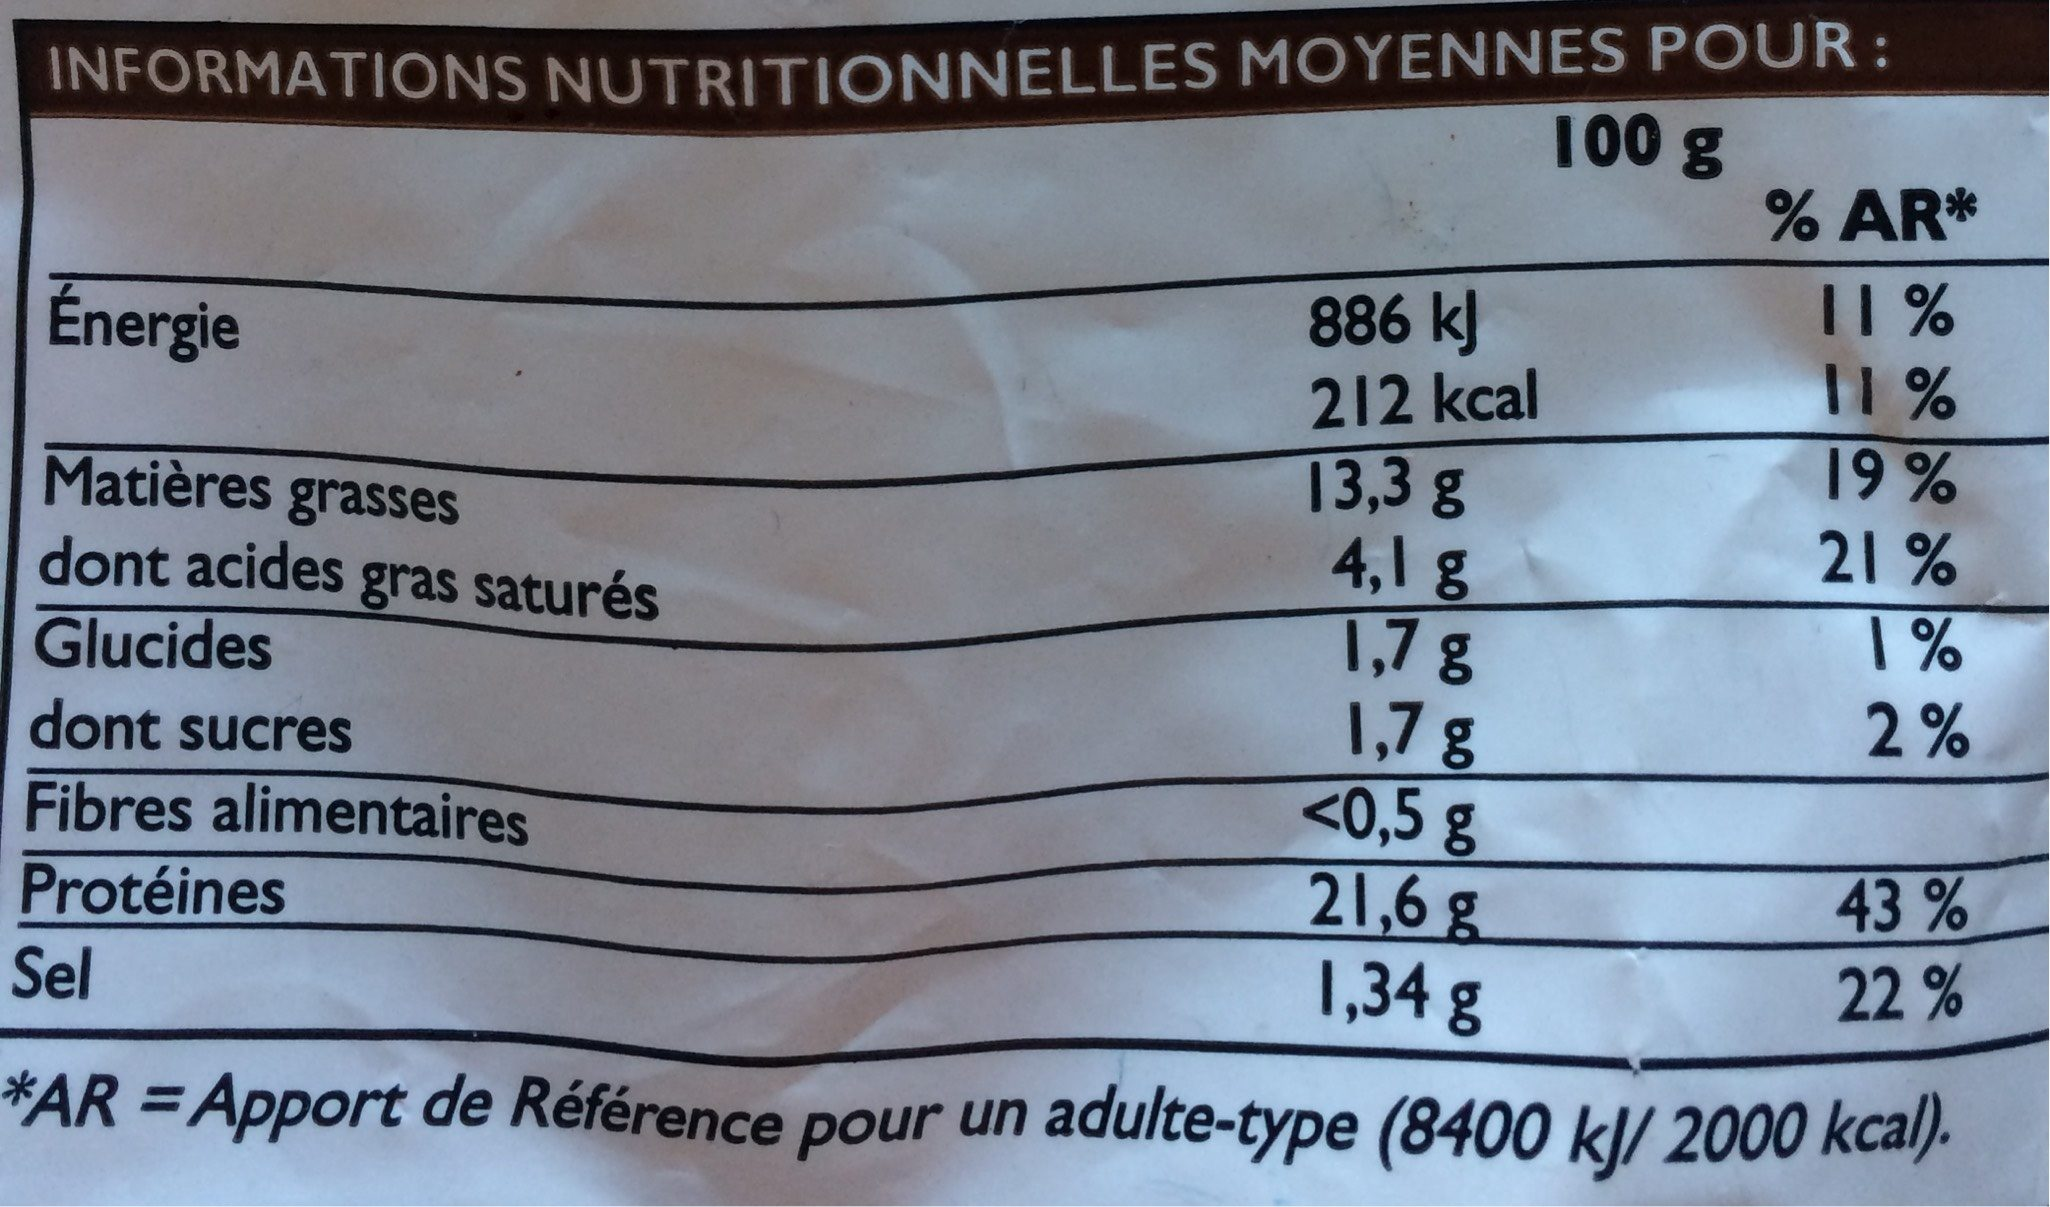 Manchons de poulets rôti surgelés - Informations nutritionnelles - fr